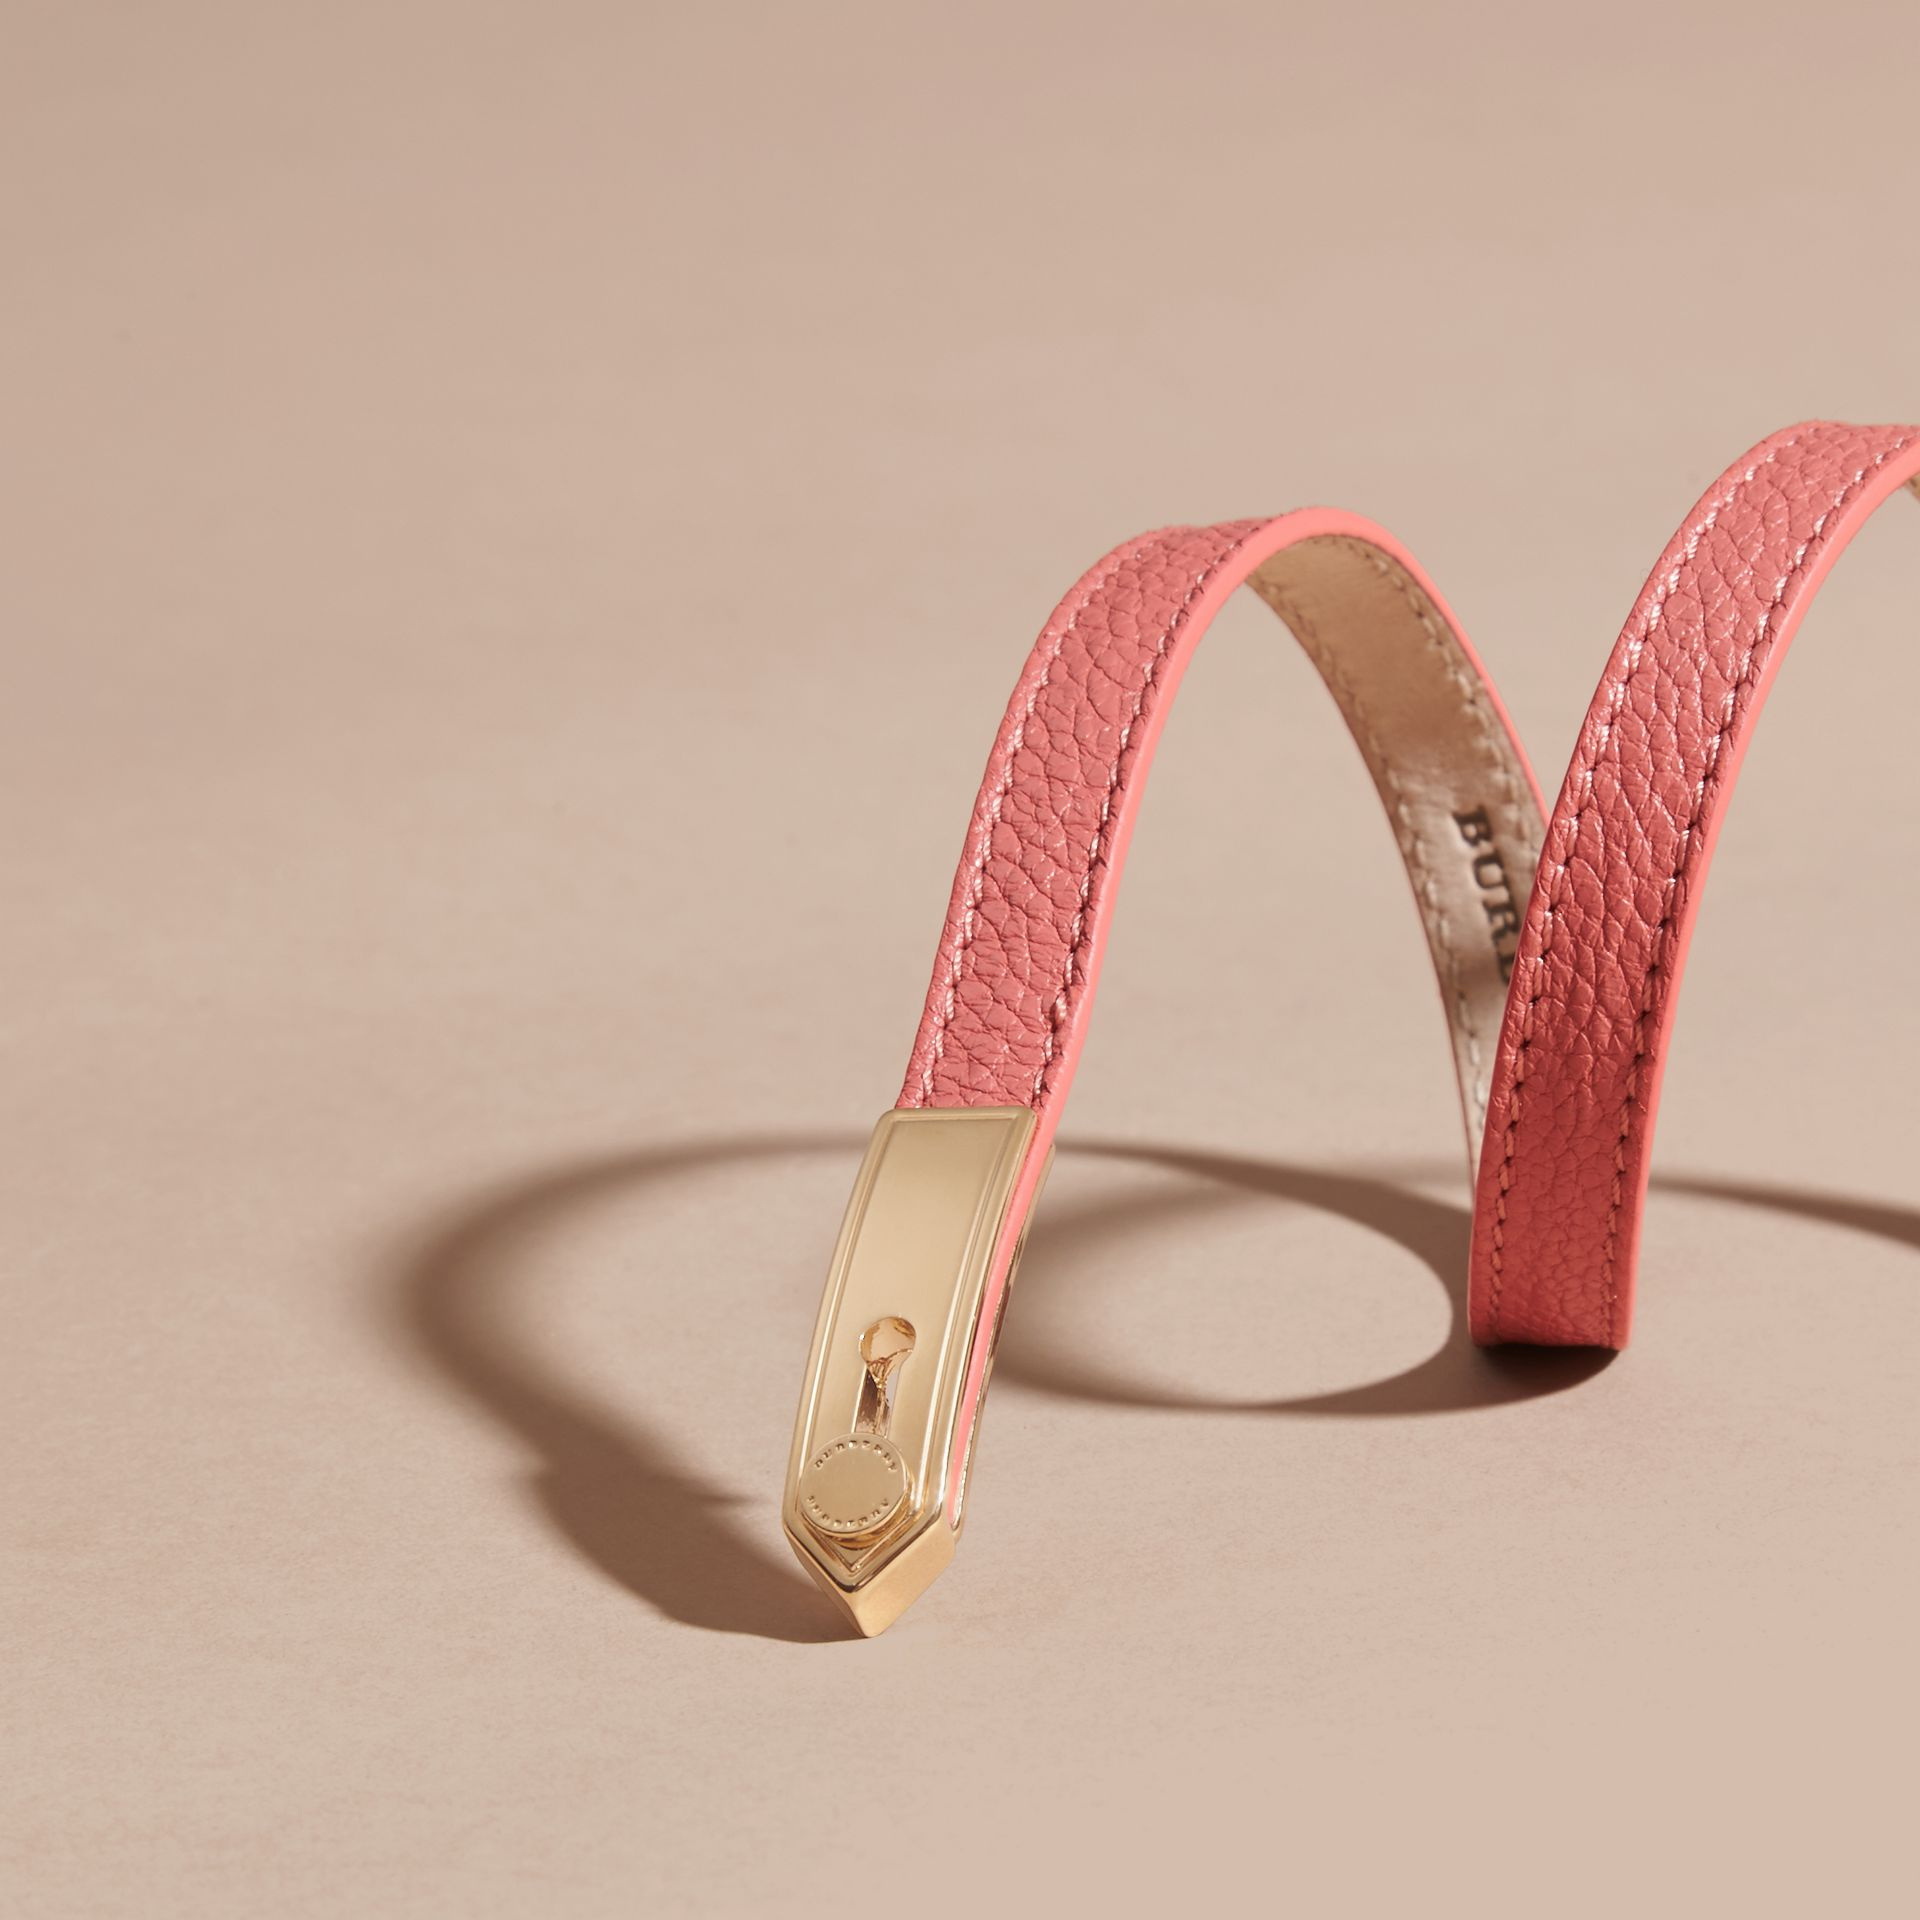 古銅粉色 肩章識別牌皮革手鍊 古銅粉色 - 圖庫照片 3